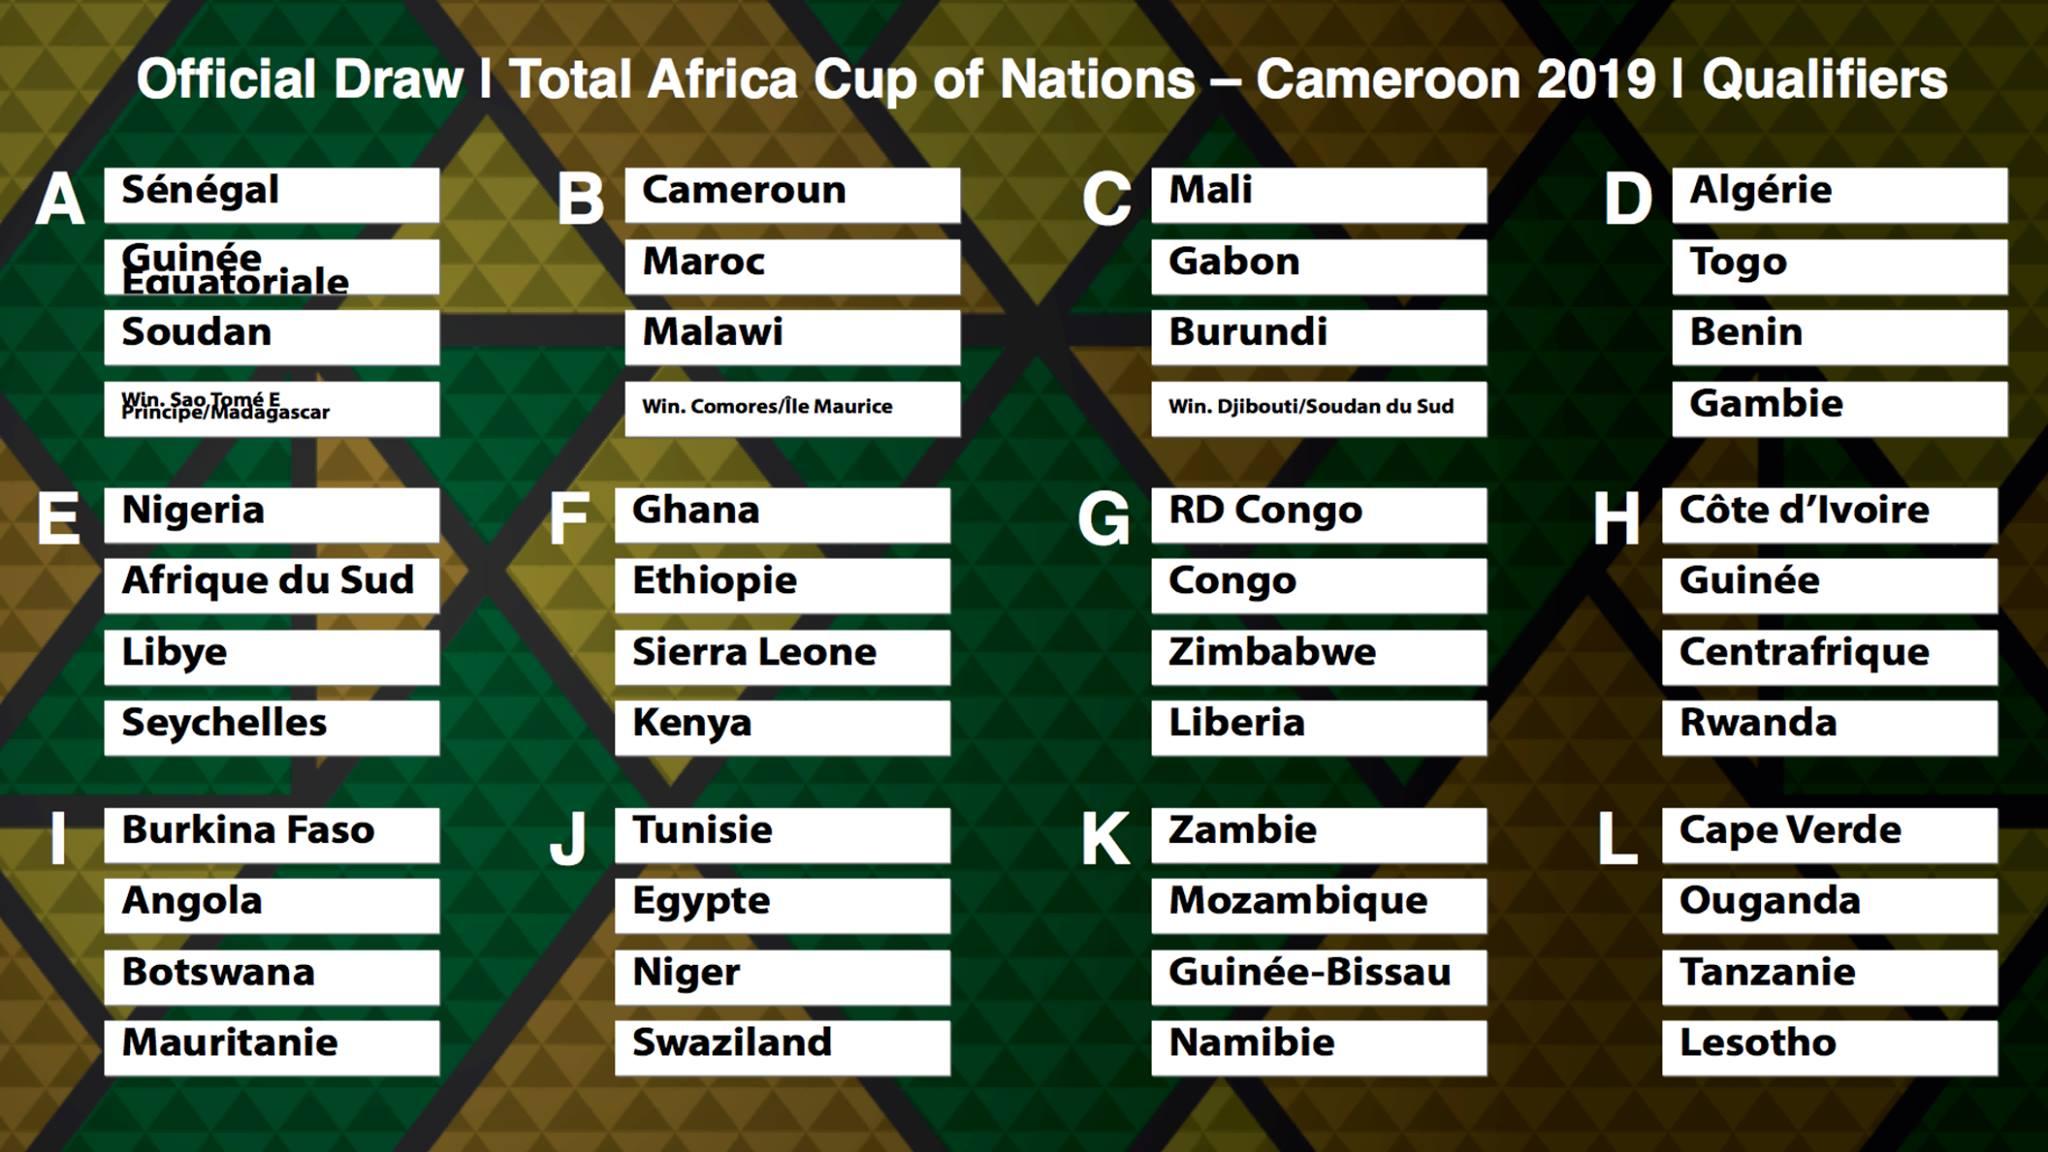 كأس إفريقيا للأمم (كان-2019): نتائج القرعة الخاصة بالتصفيات